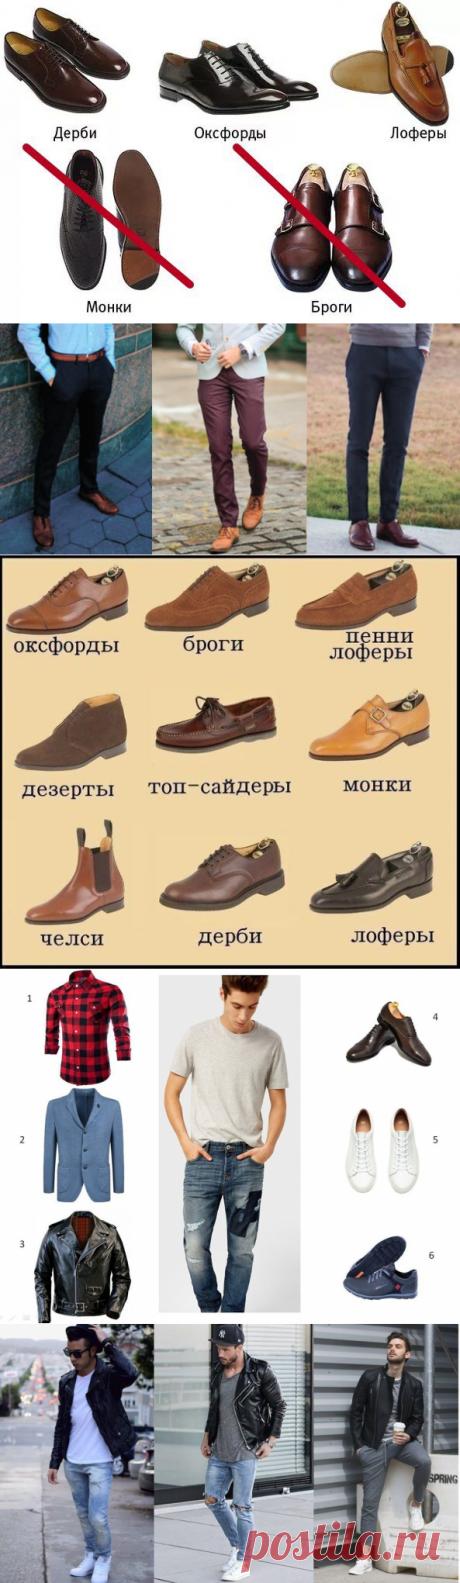 Как мужчине правильно подобрать обувь к верху. Простота мужского стиля | Рекомендательная система Пульс Mail.ru